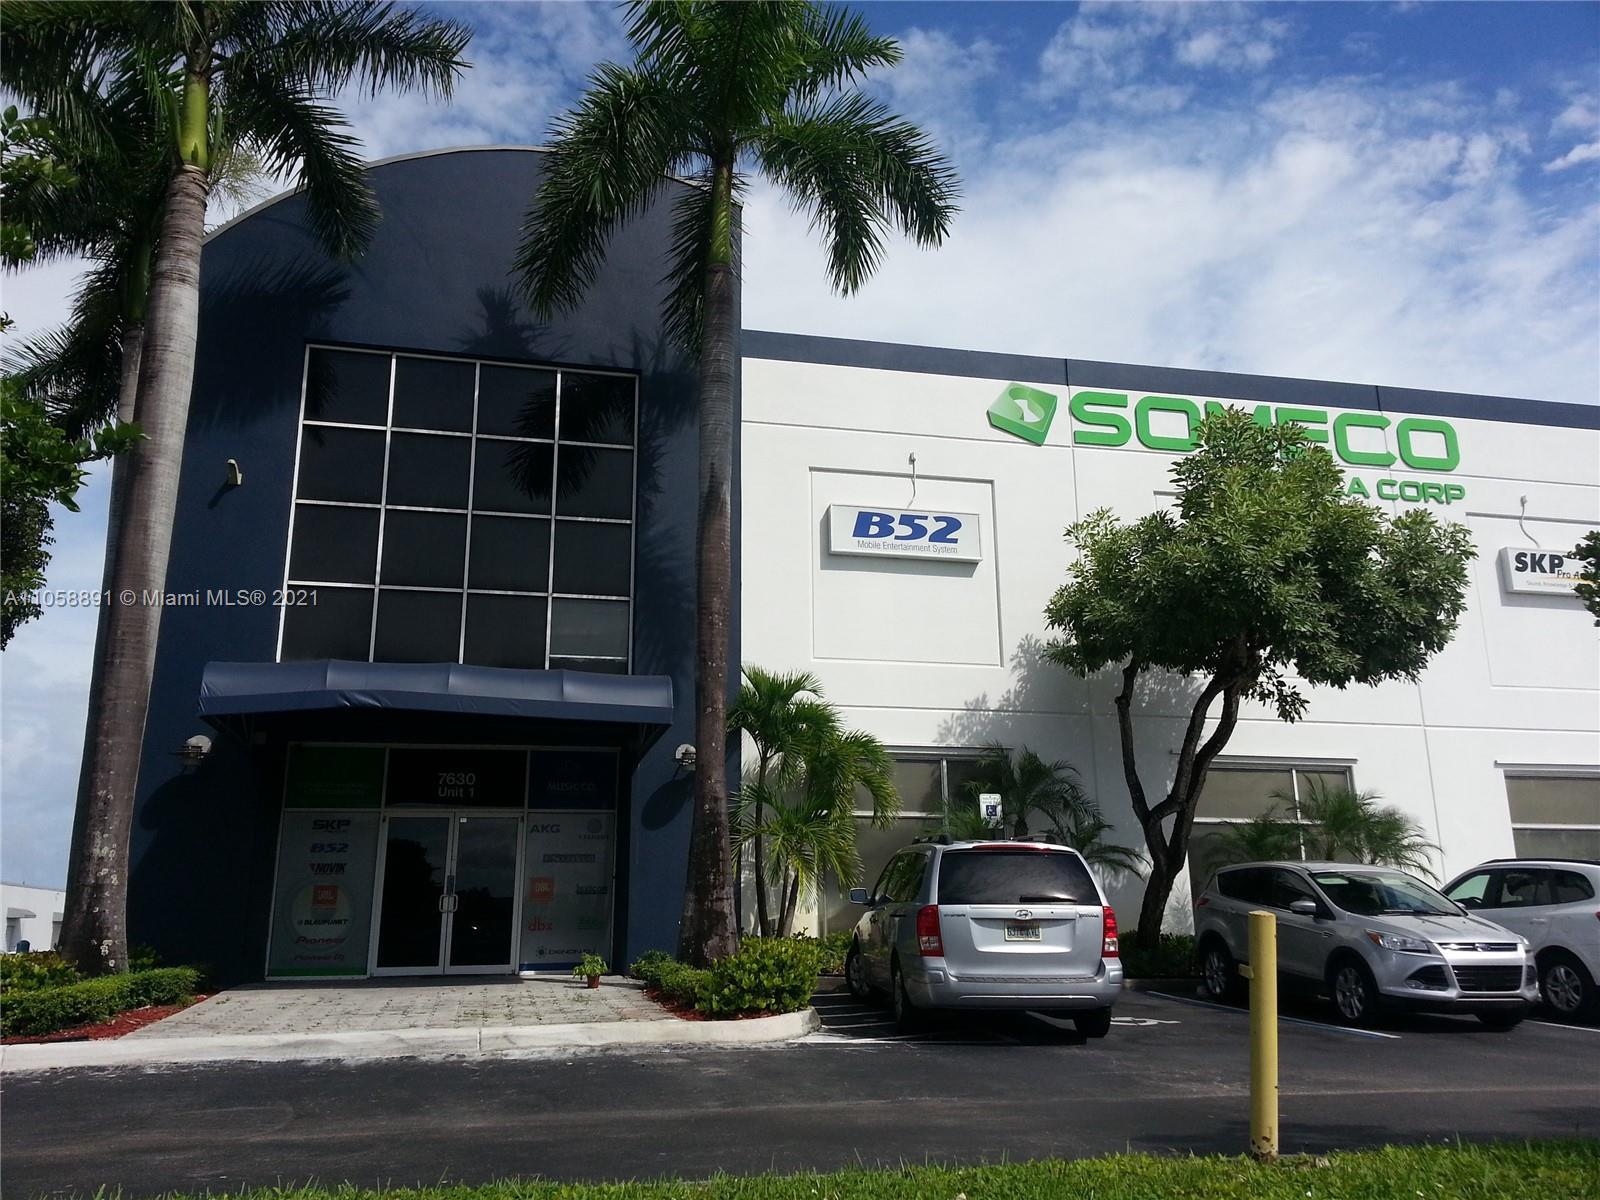 7630 NW 25th St 1, Miami, FL 33122